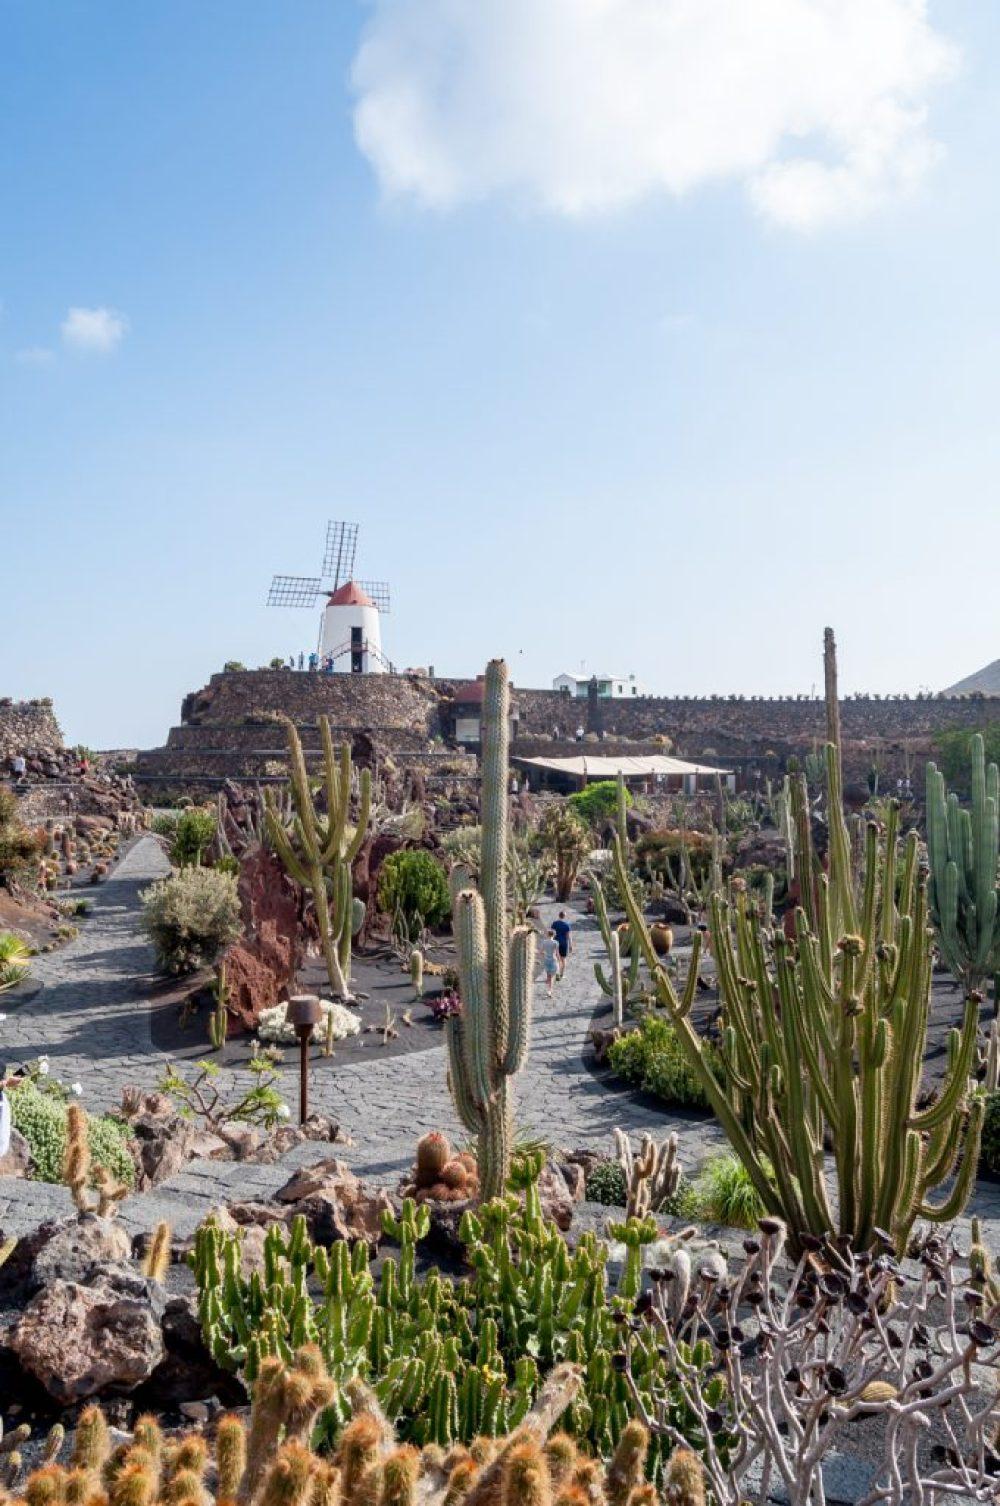 Jardin de Cactus (CACT Lanzarote) || Wanderwings.com